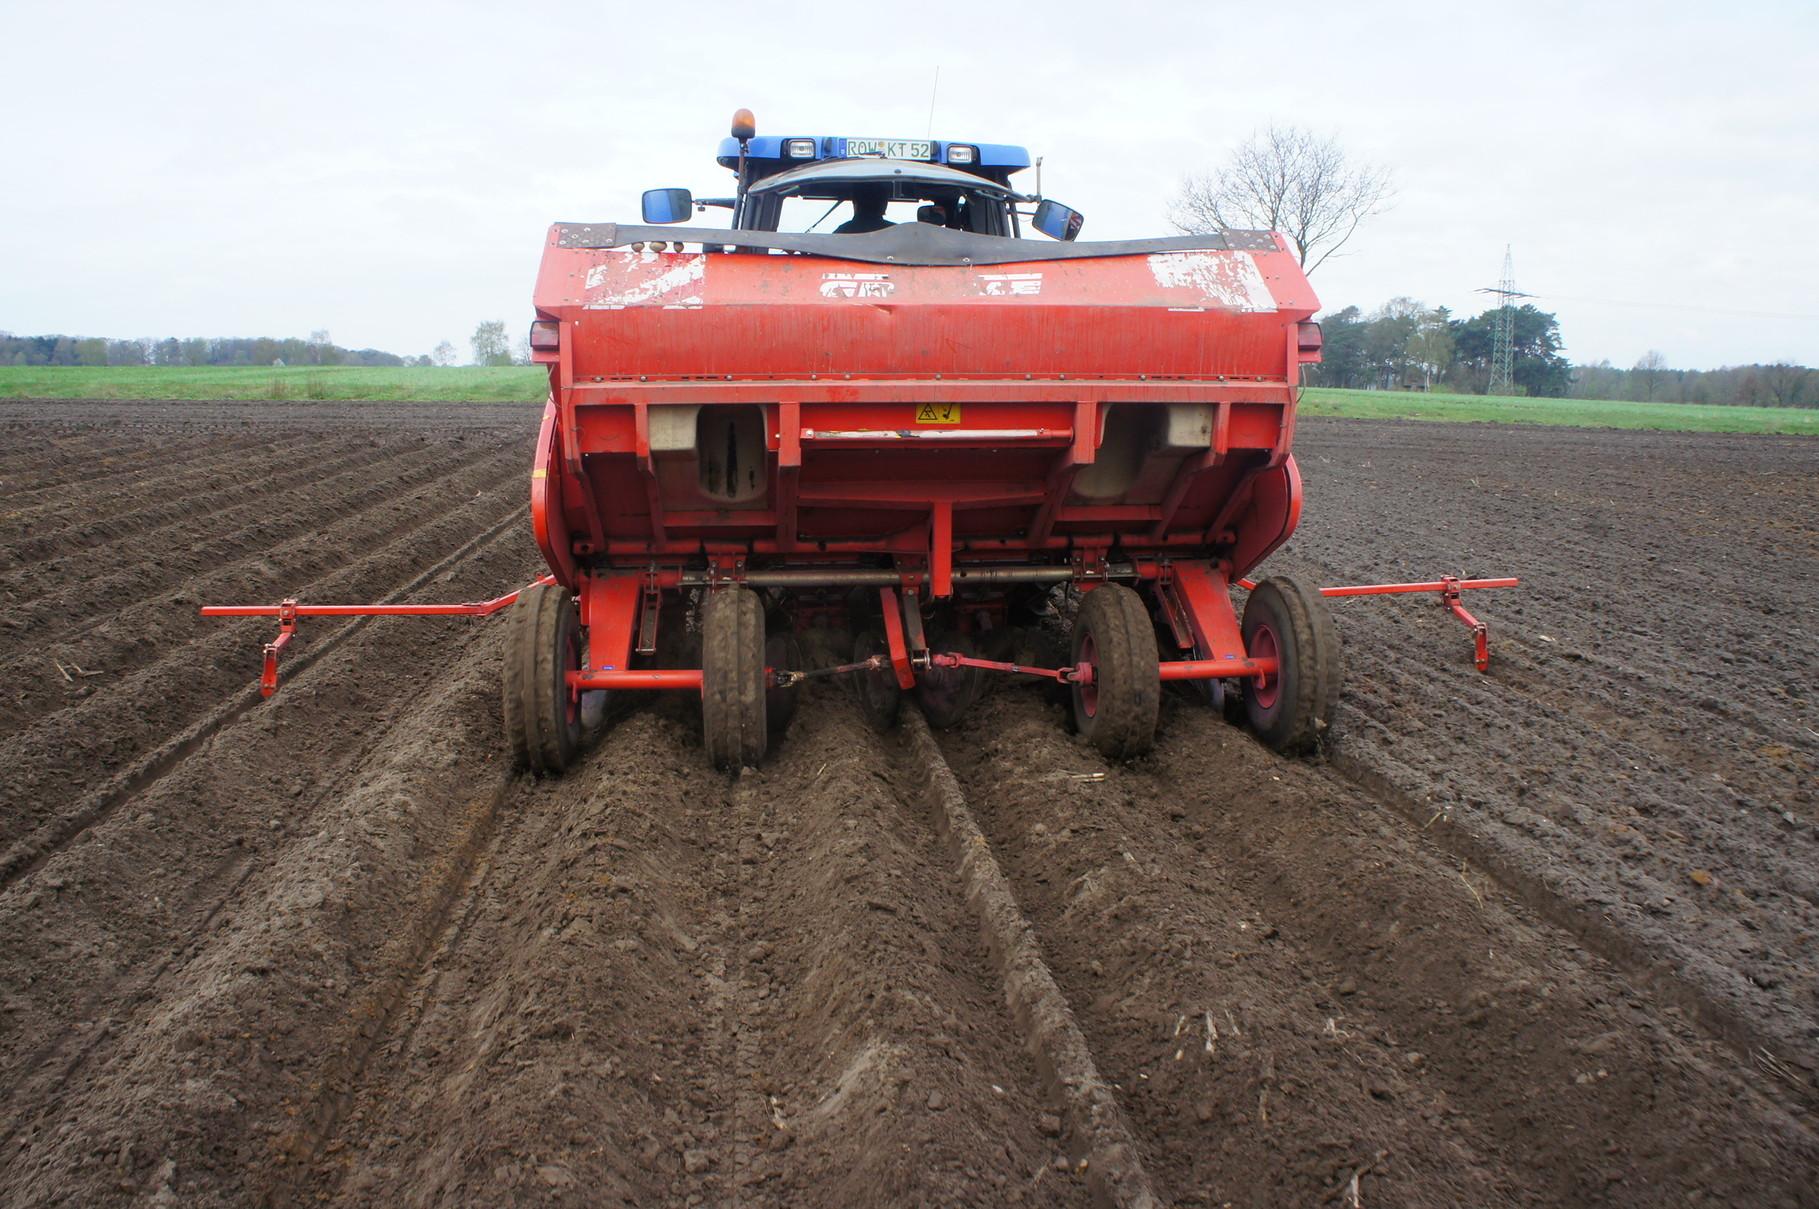 Kartoffelpflanzung-Kartoffelpflanzmaschine von hinten